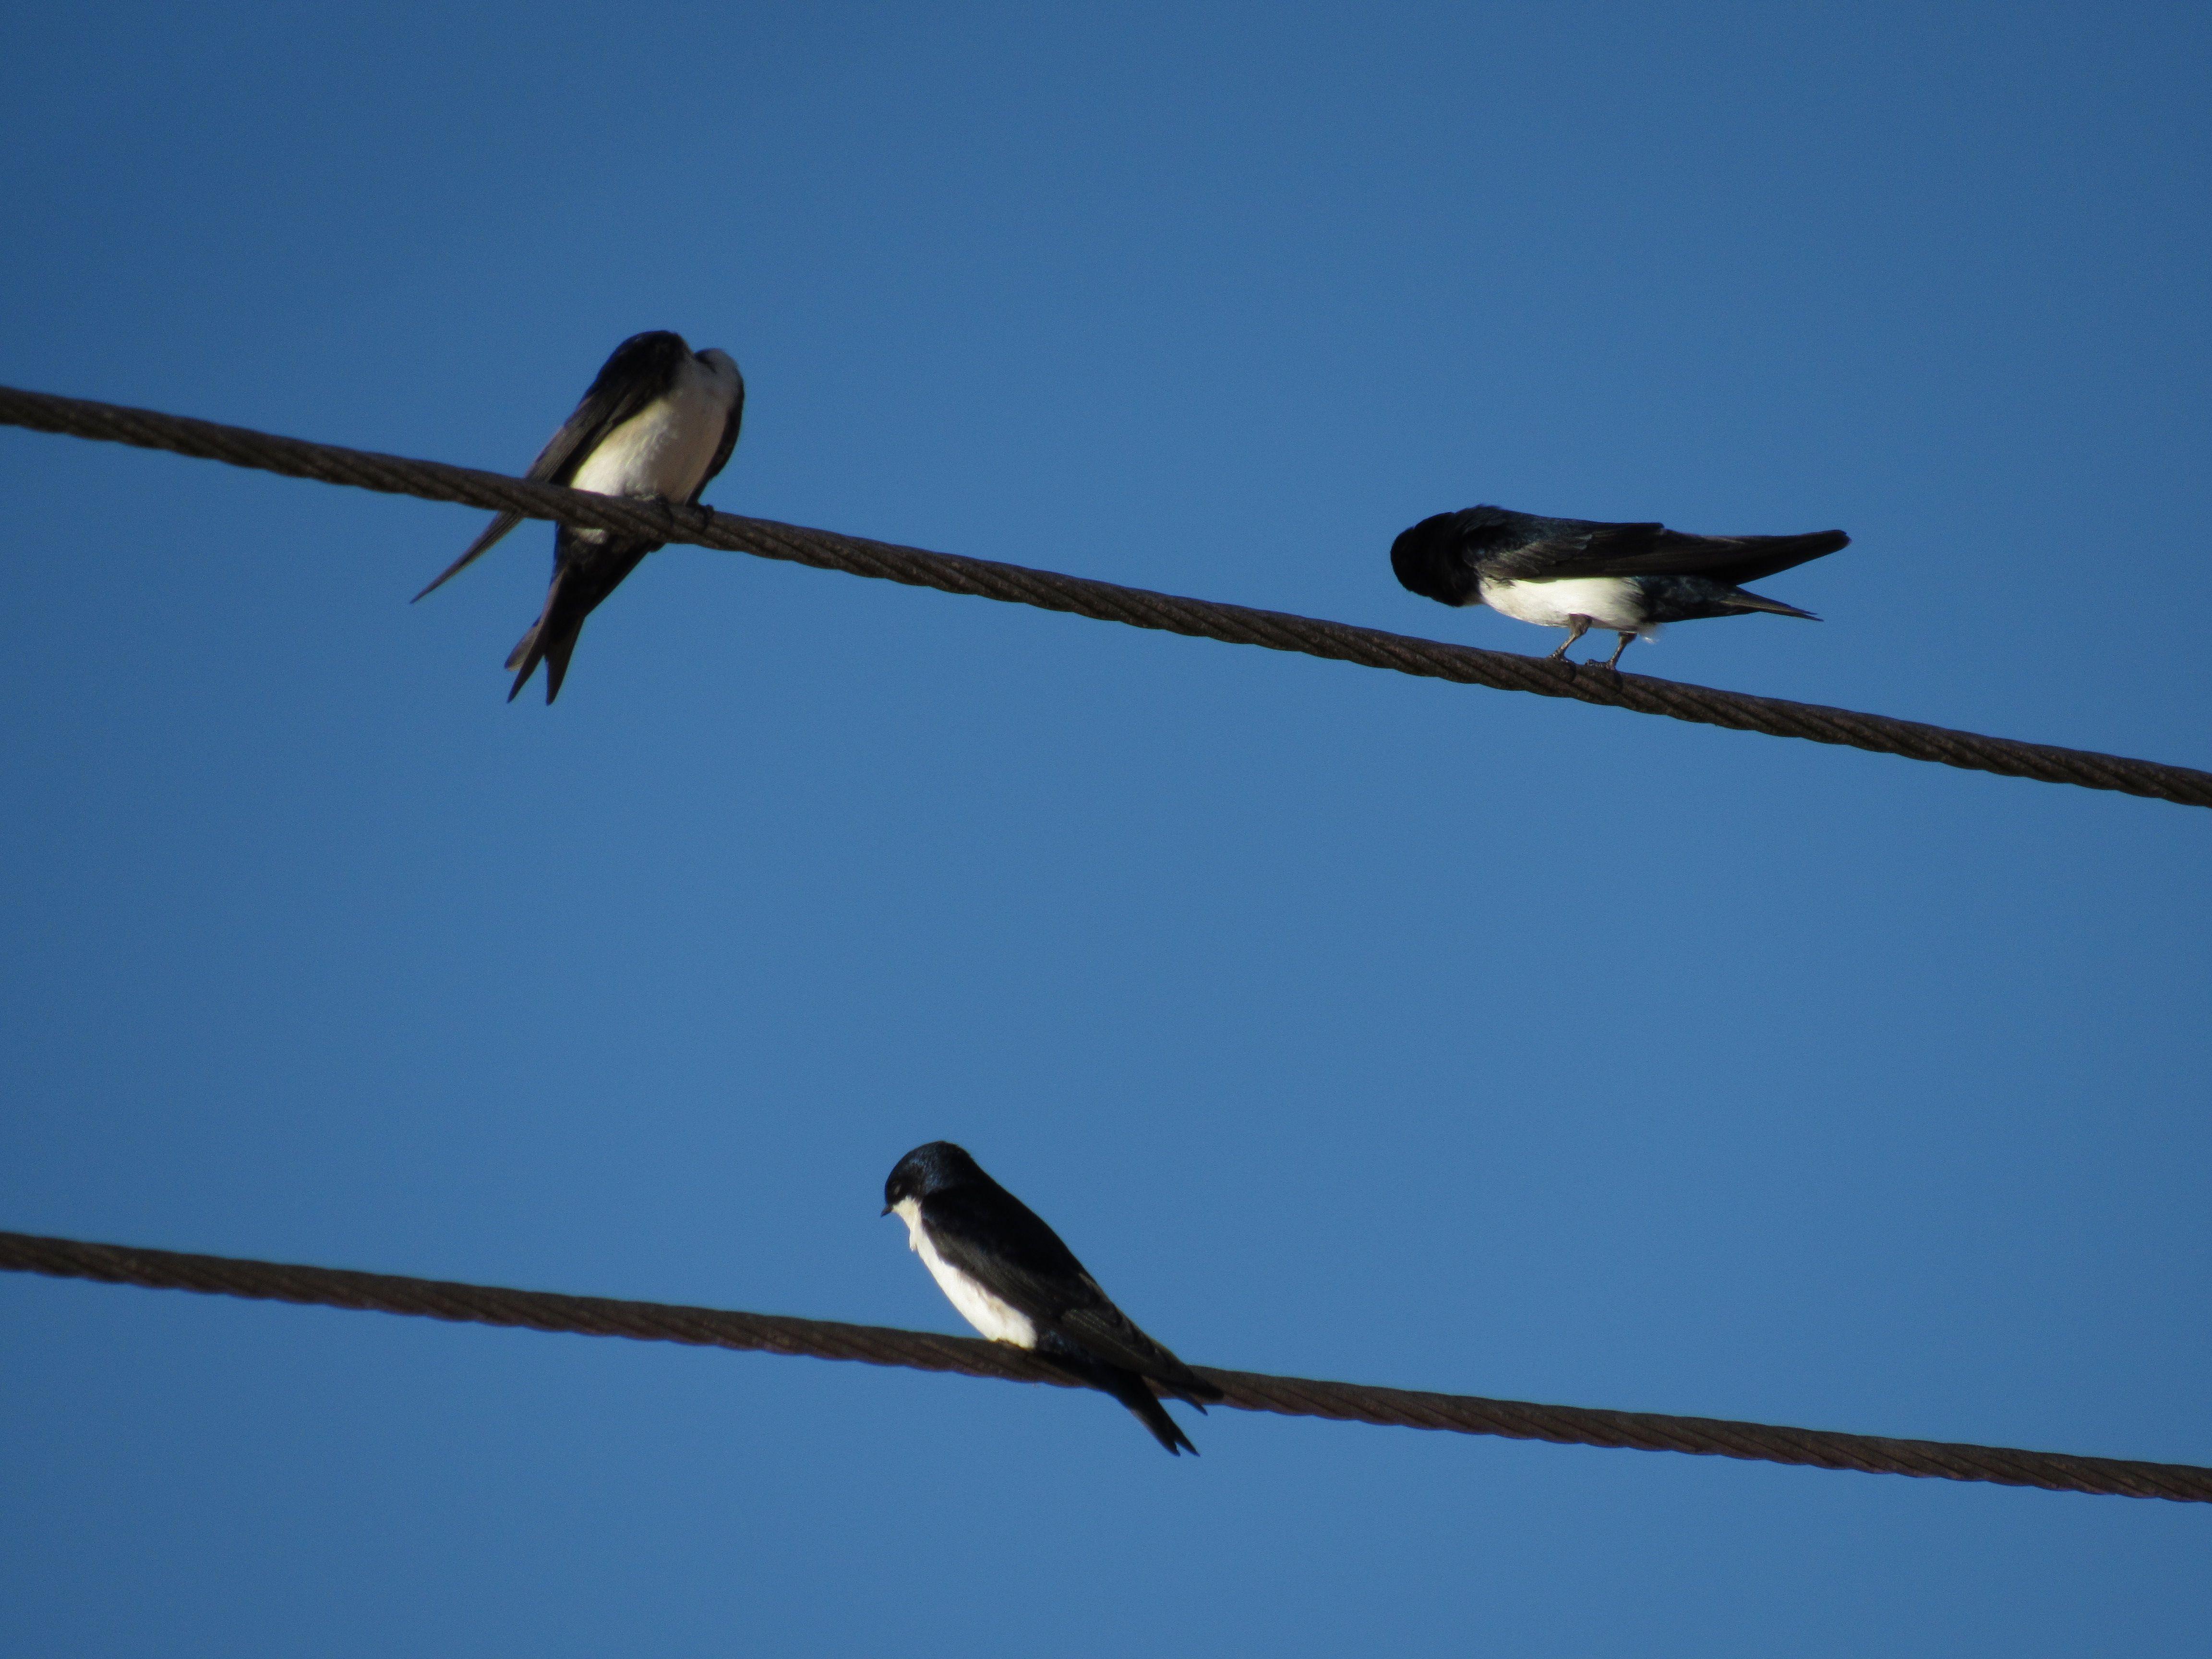 Perdi a cabeça. O ângulo em que fotografei pareceu que uma dessas aves estava sem cabeça. Experiências locais